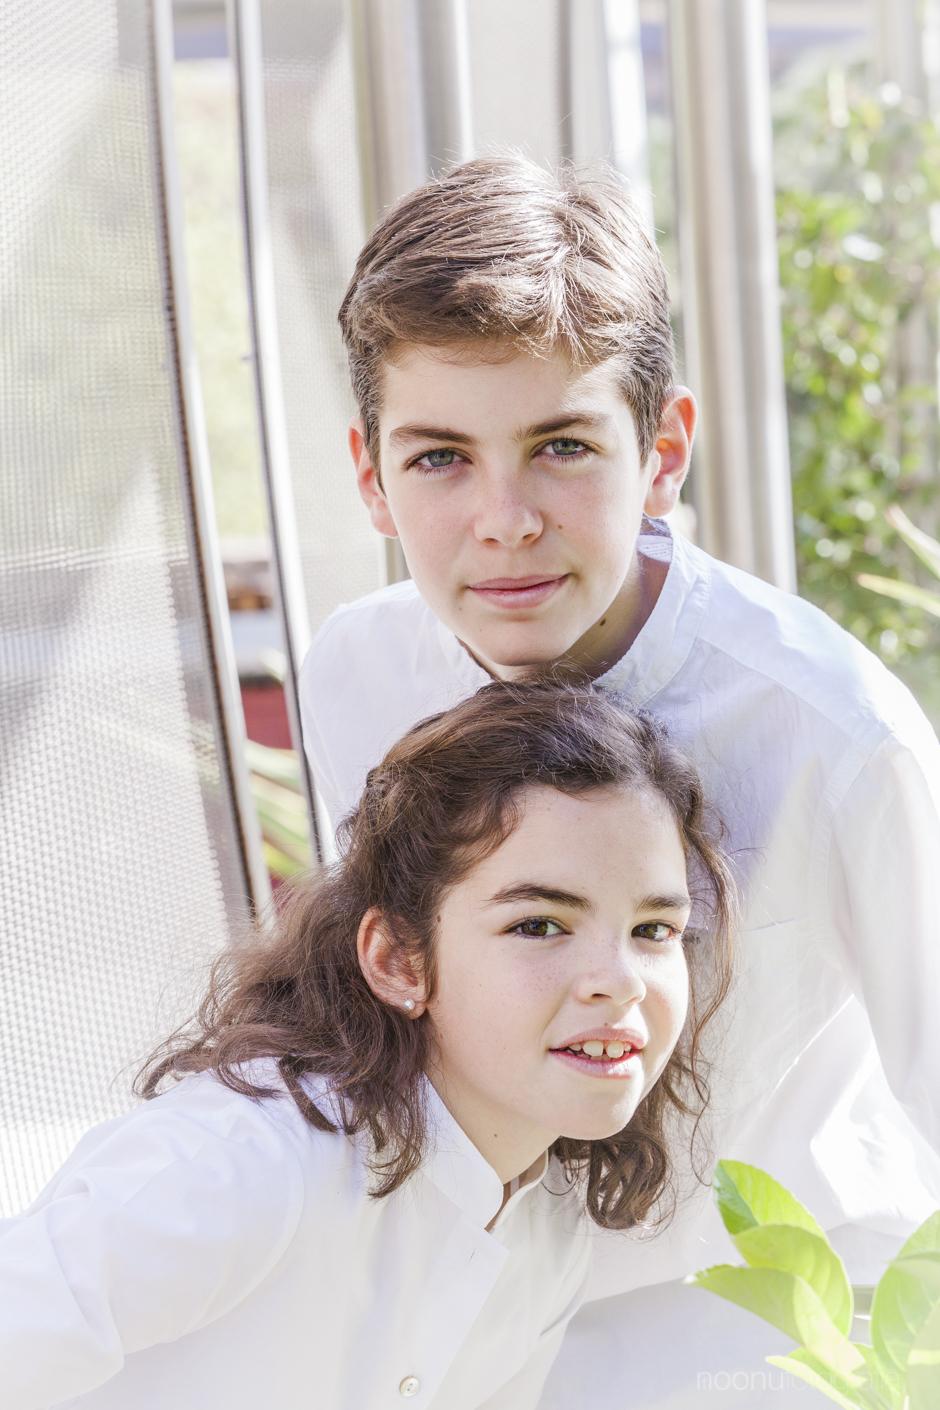 Noonu-fotografo-de-familia-madrid-beatriz001-3